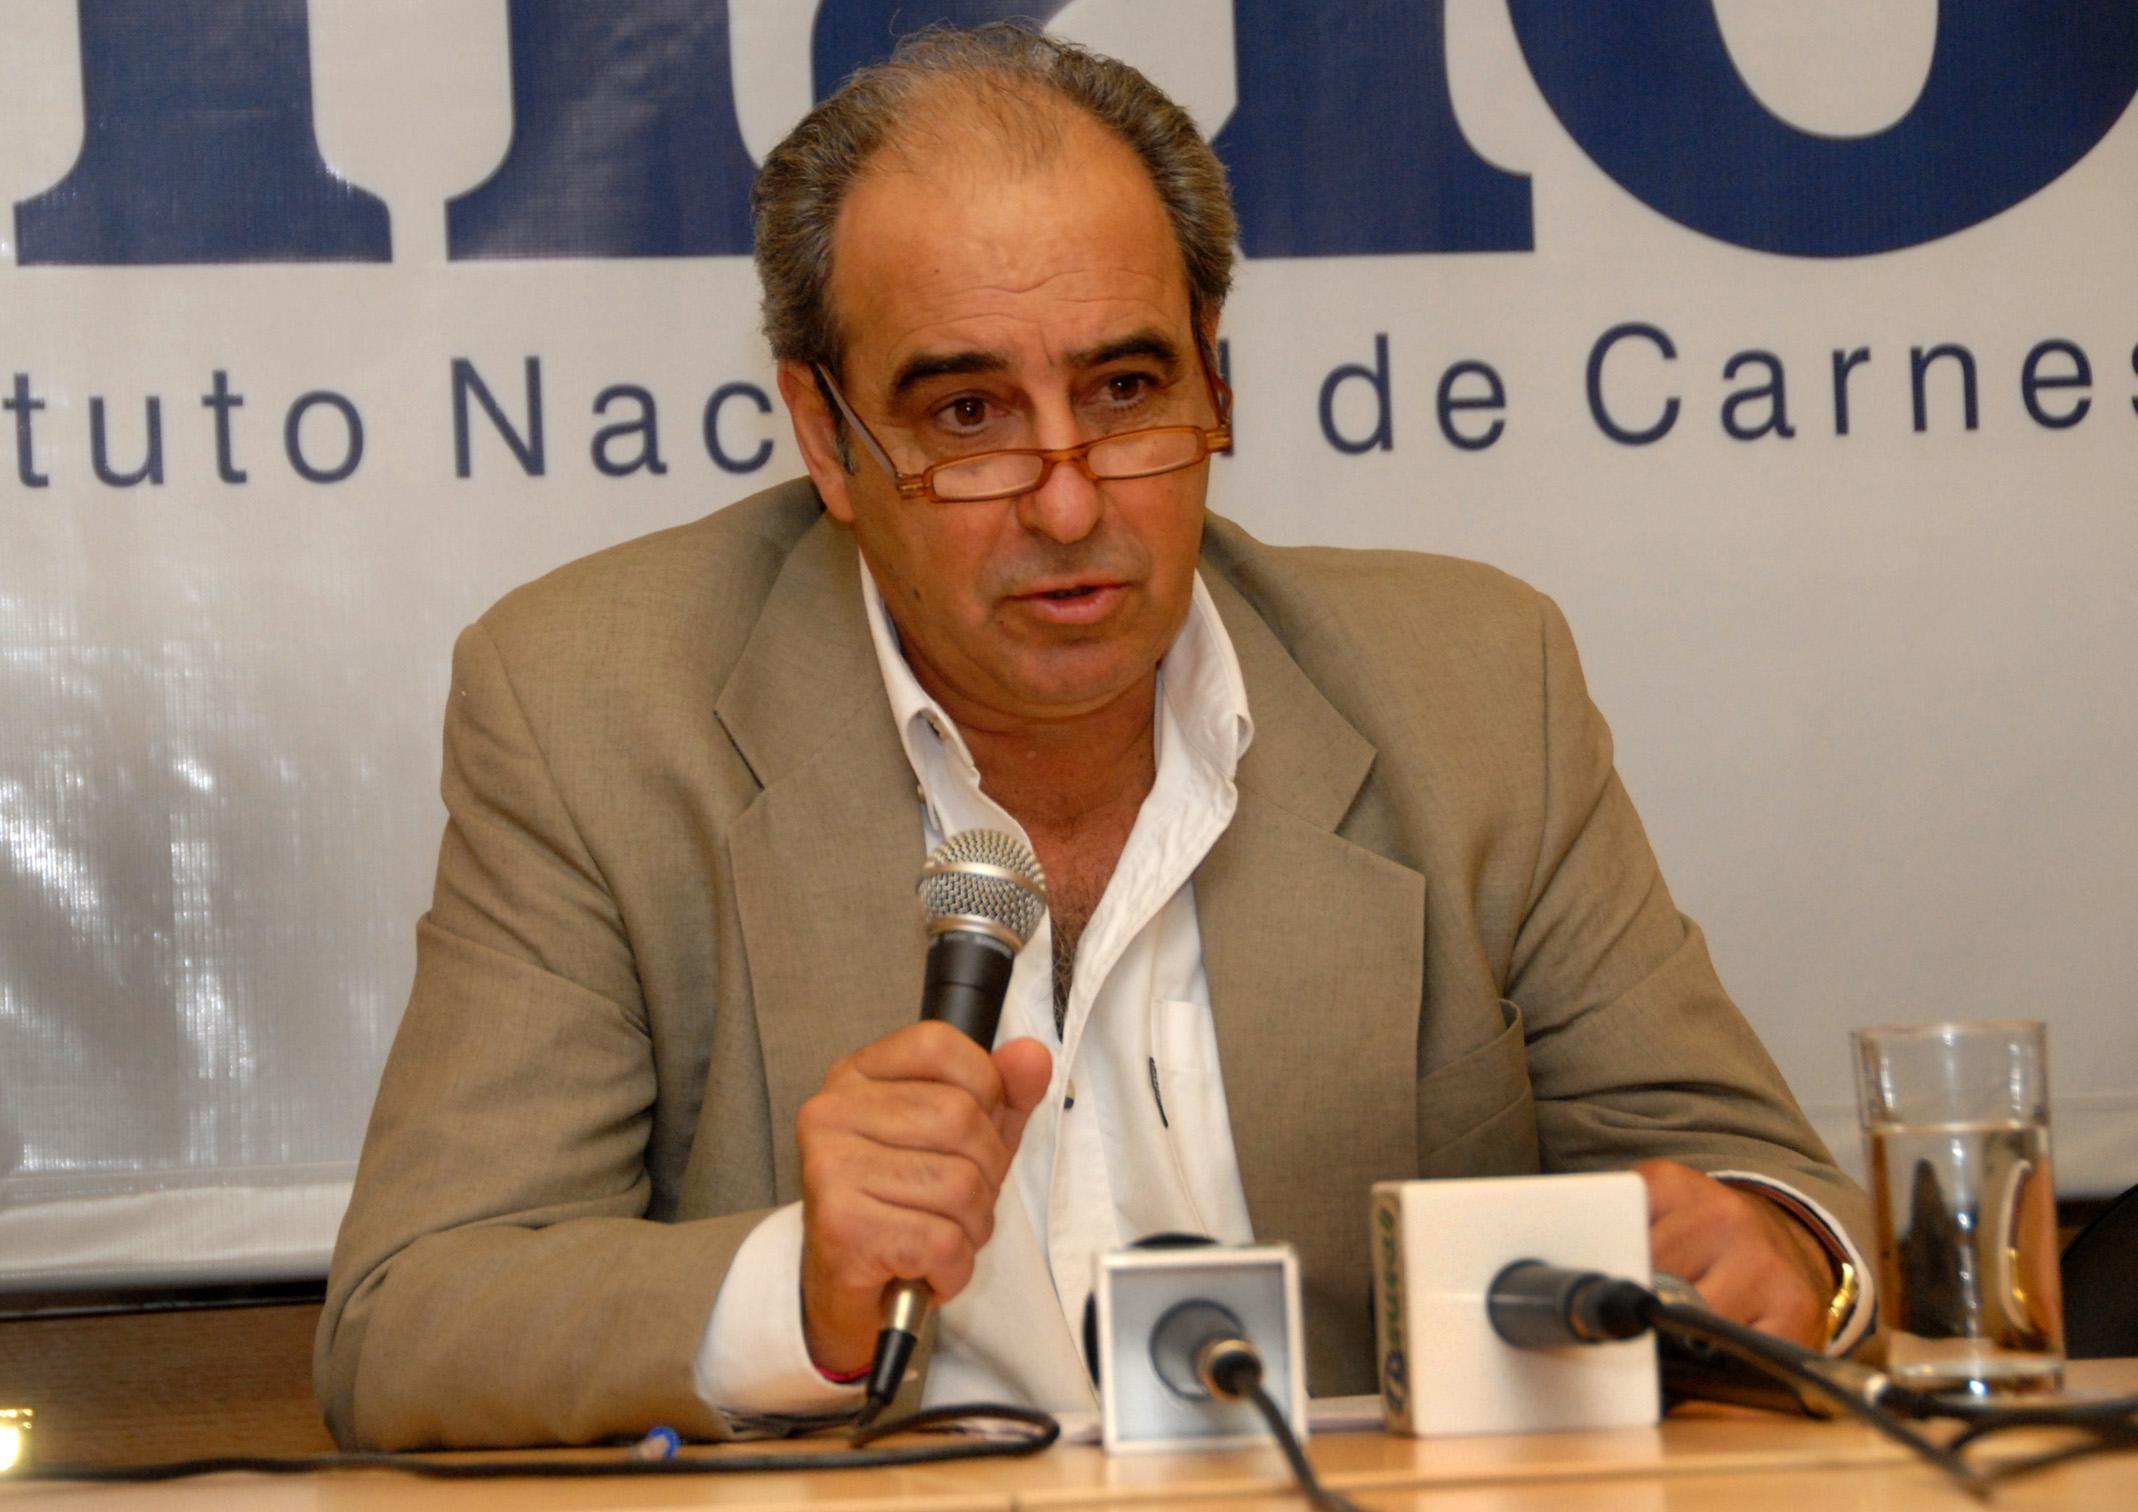 Infundio en Whatsapp sobre Mujica, Topolansky y Sendic irá a la justicia